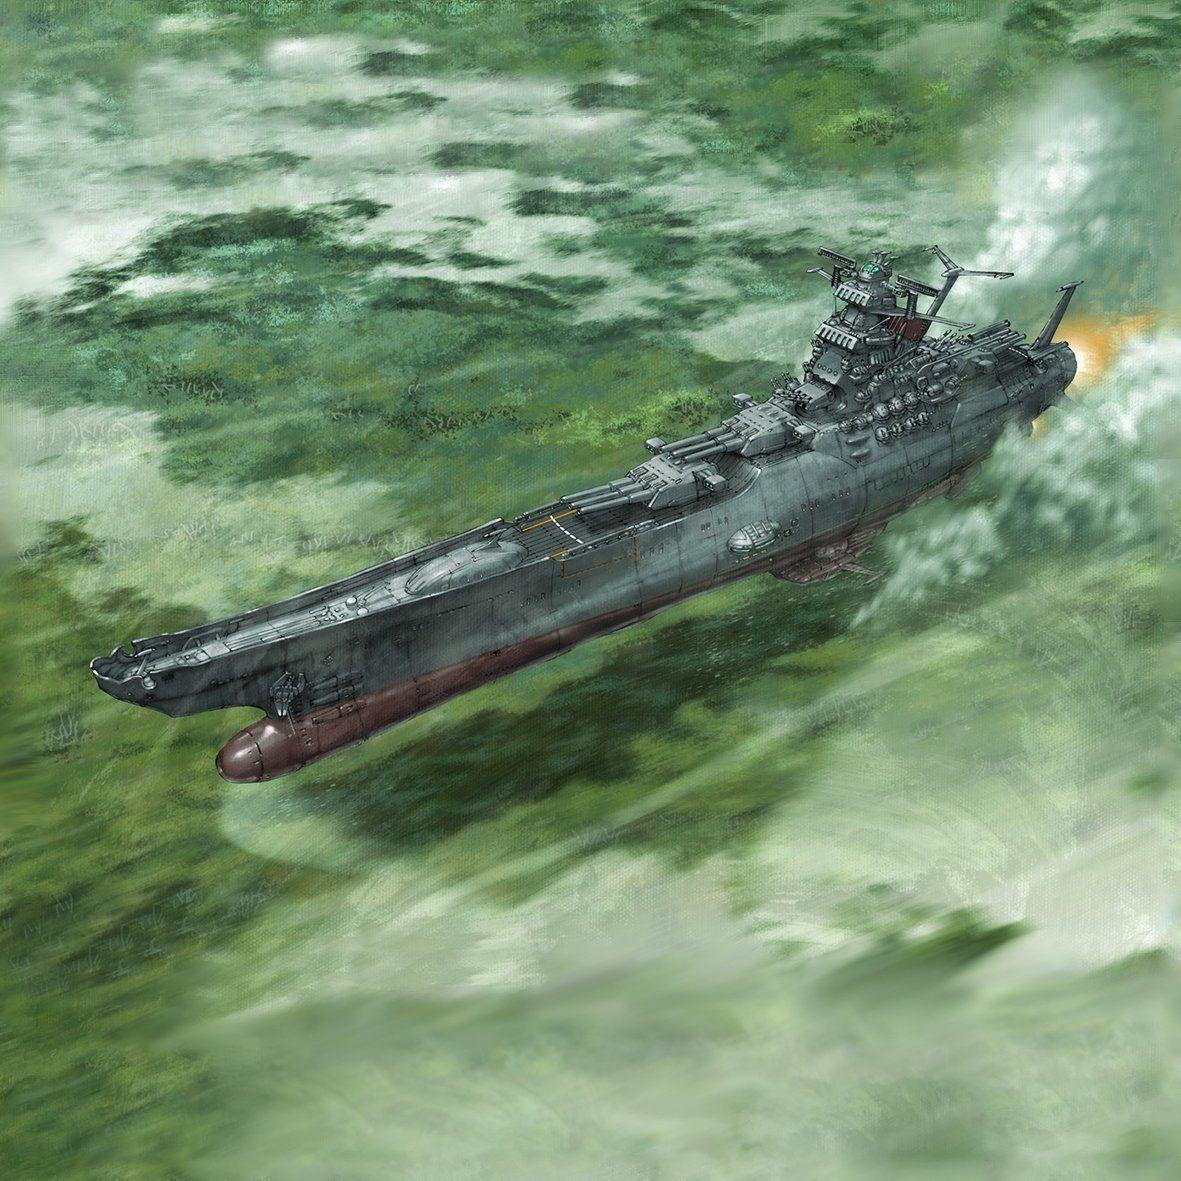 Space Battleship Yamato 2199 / Uchū Senkan Yamato 2199